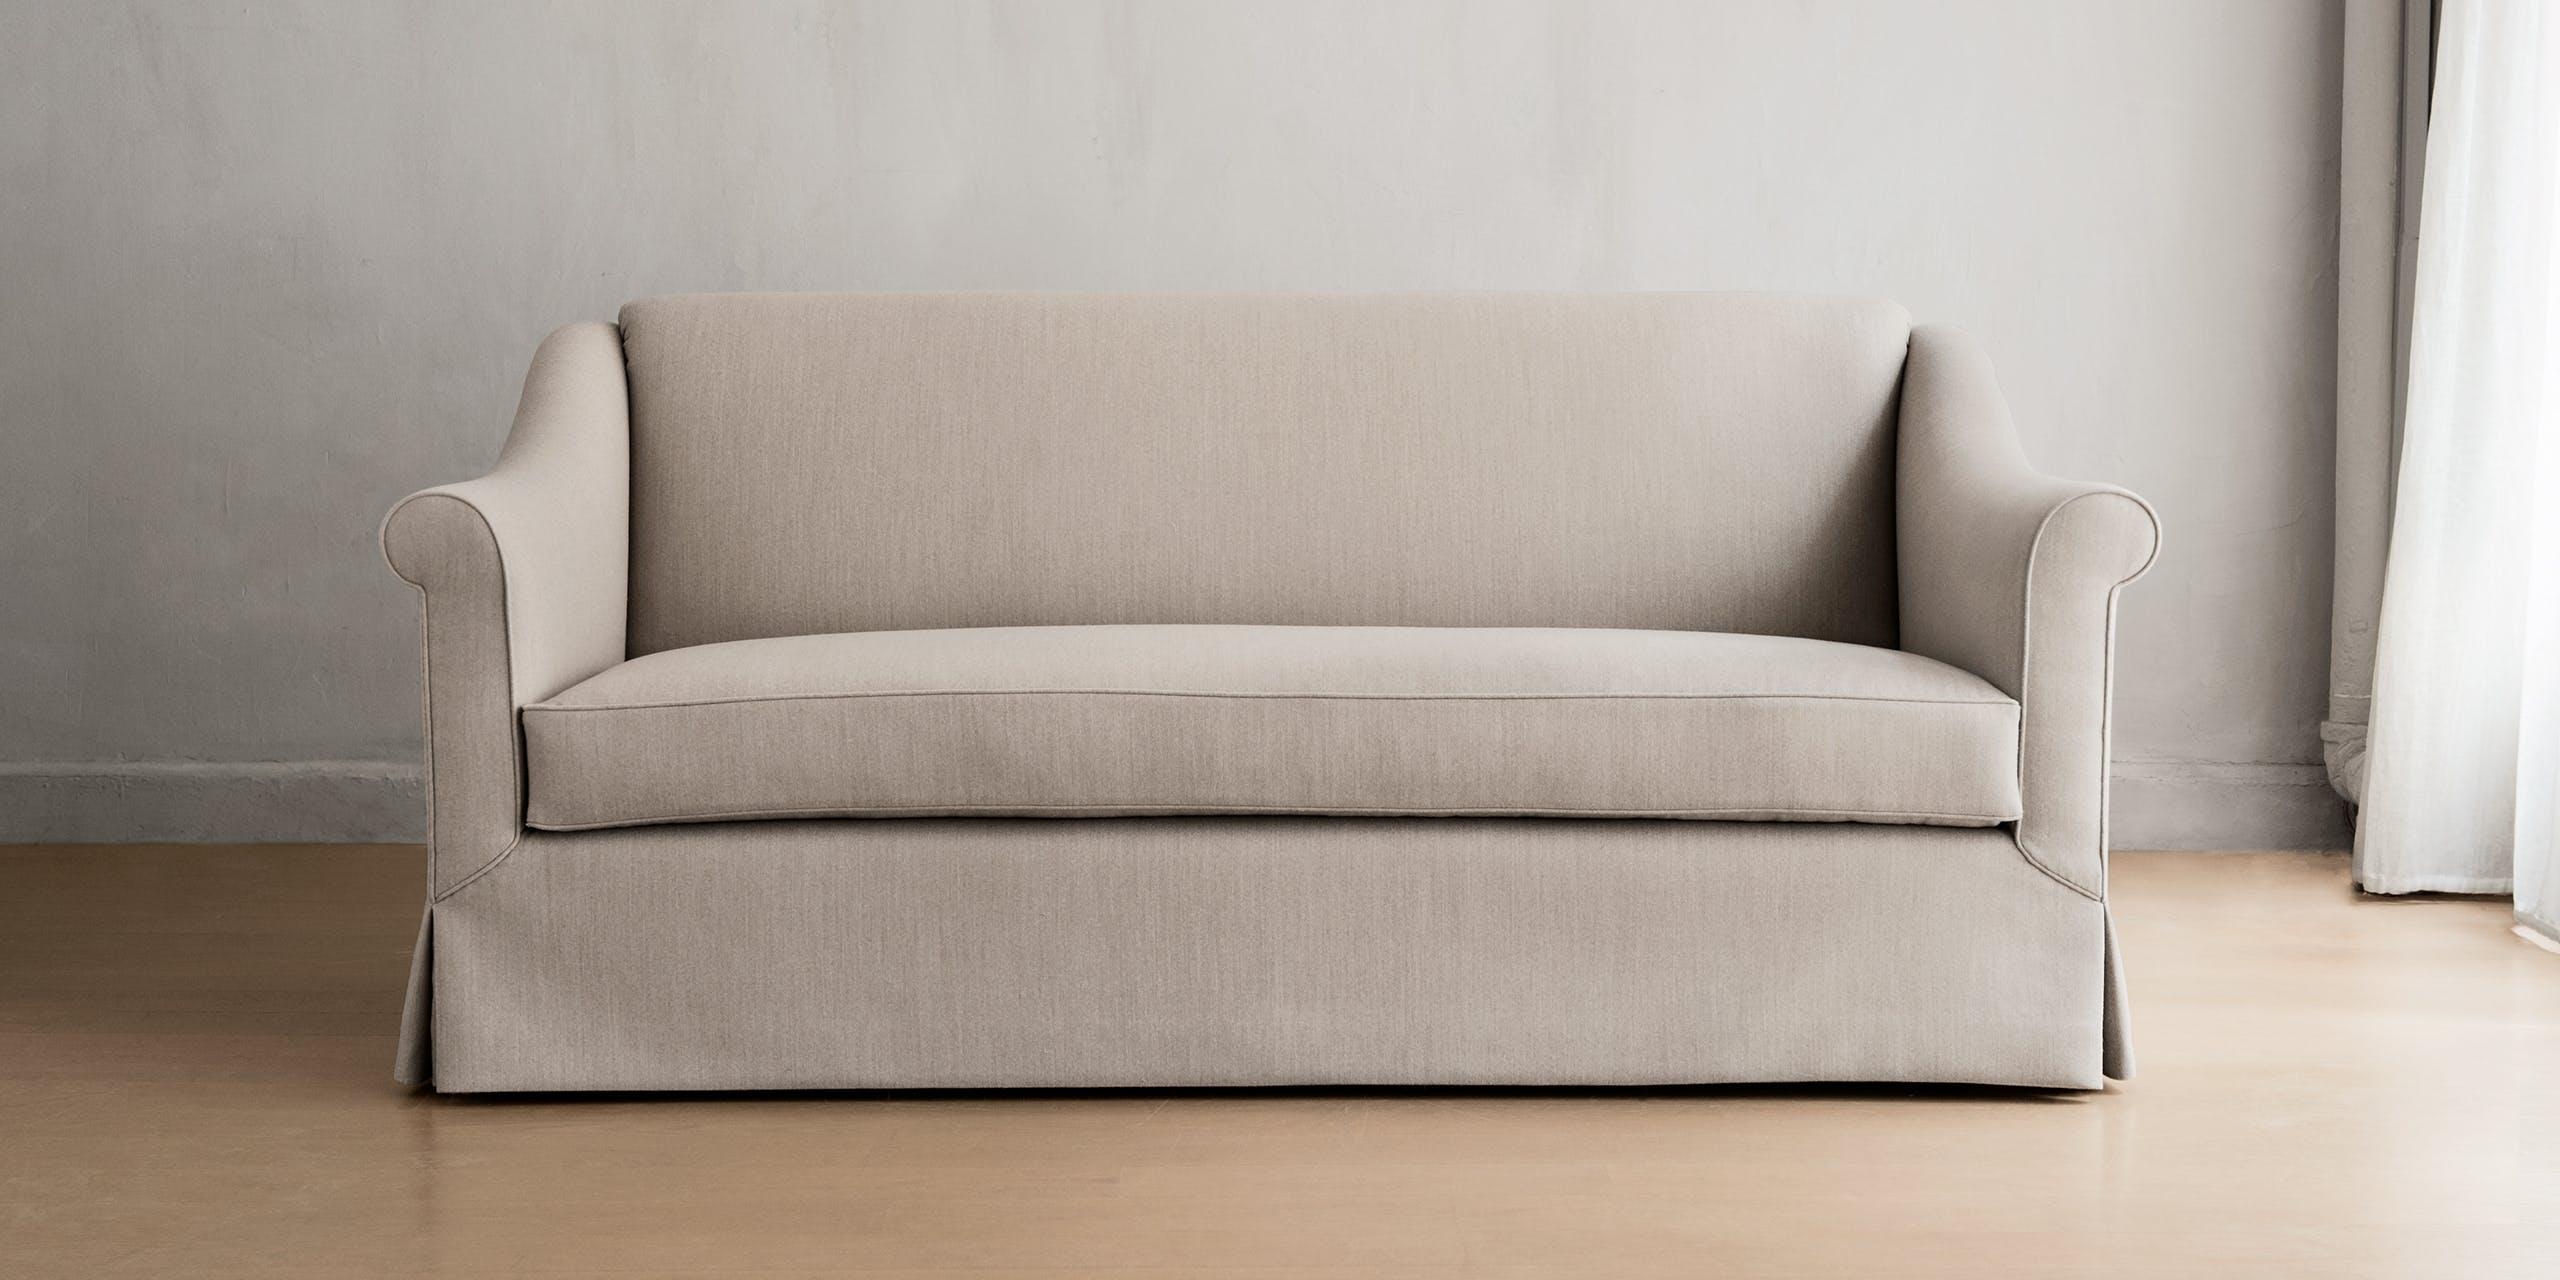 Sablon sofa main.jpg?ixlib=rails 2.1